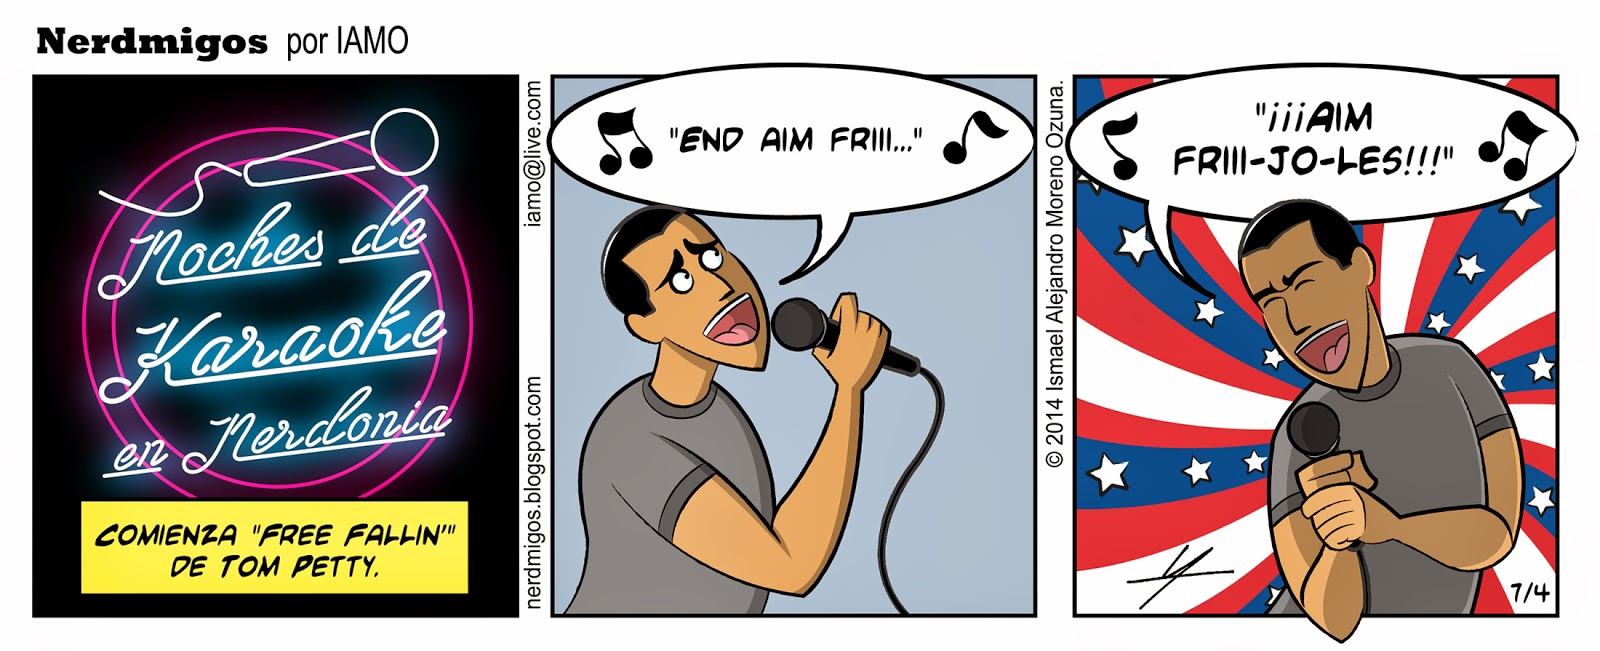 Nerdmigos Free Fallin Tom Petty Karaoke por IAMO